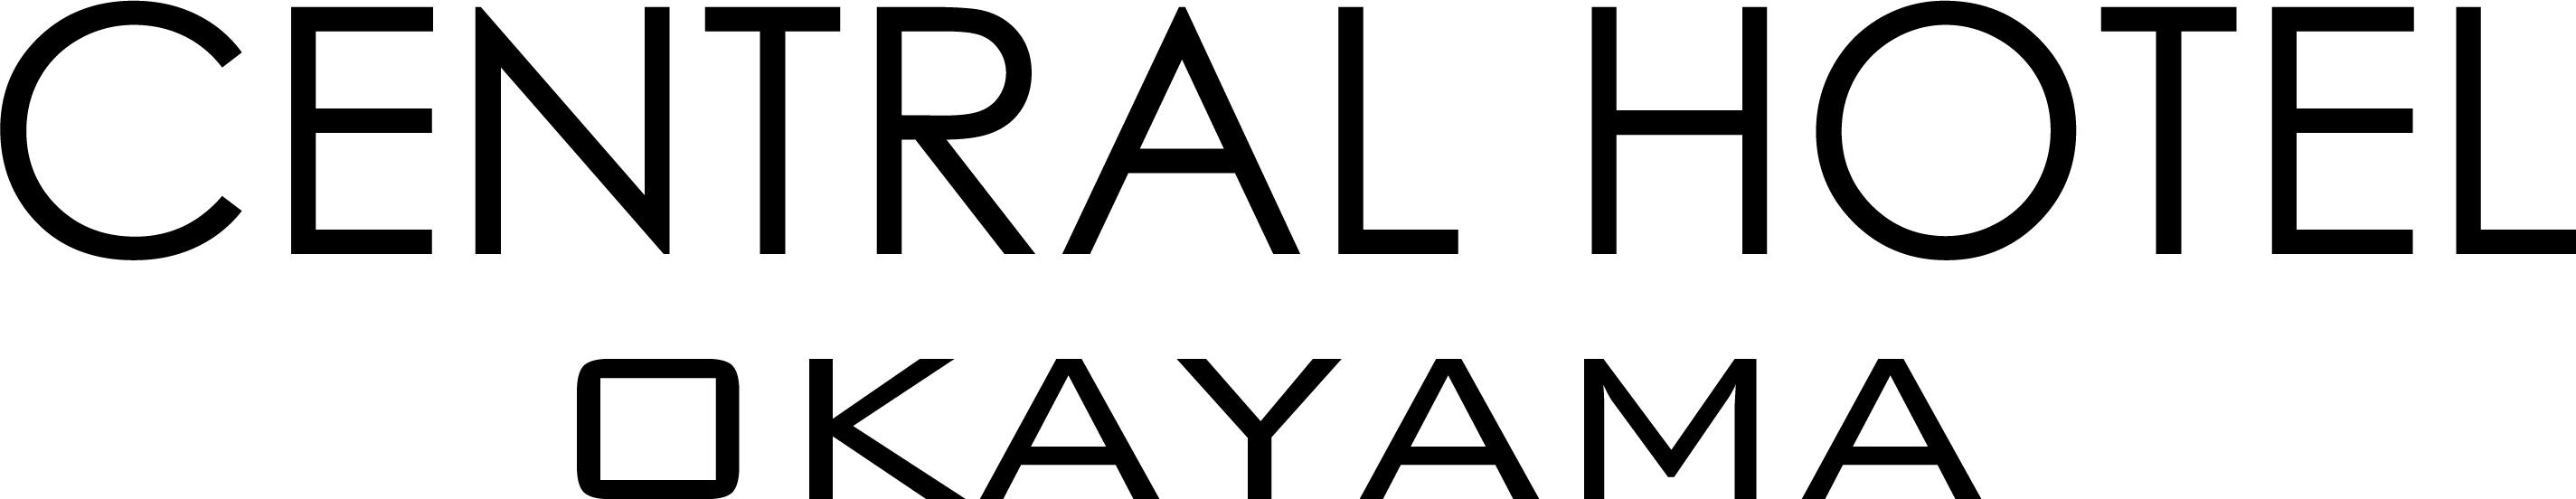 セントラルホテル岡山【宿泊予約 公式サイト】